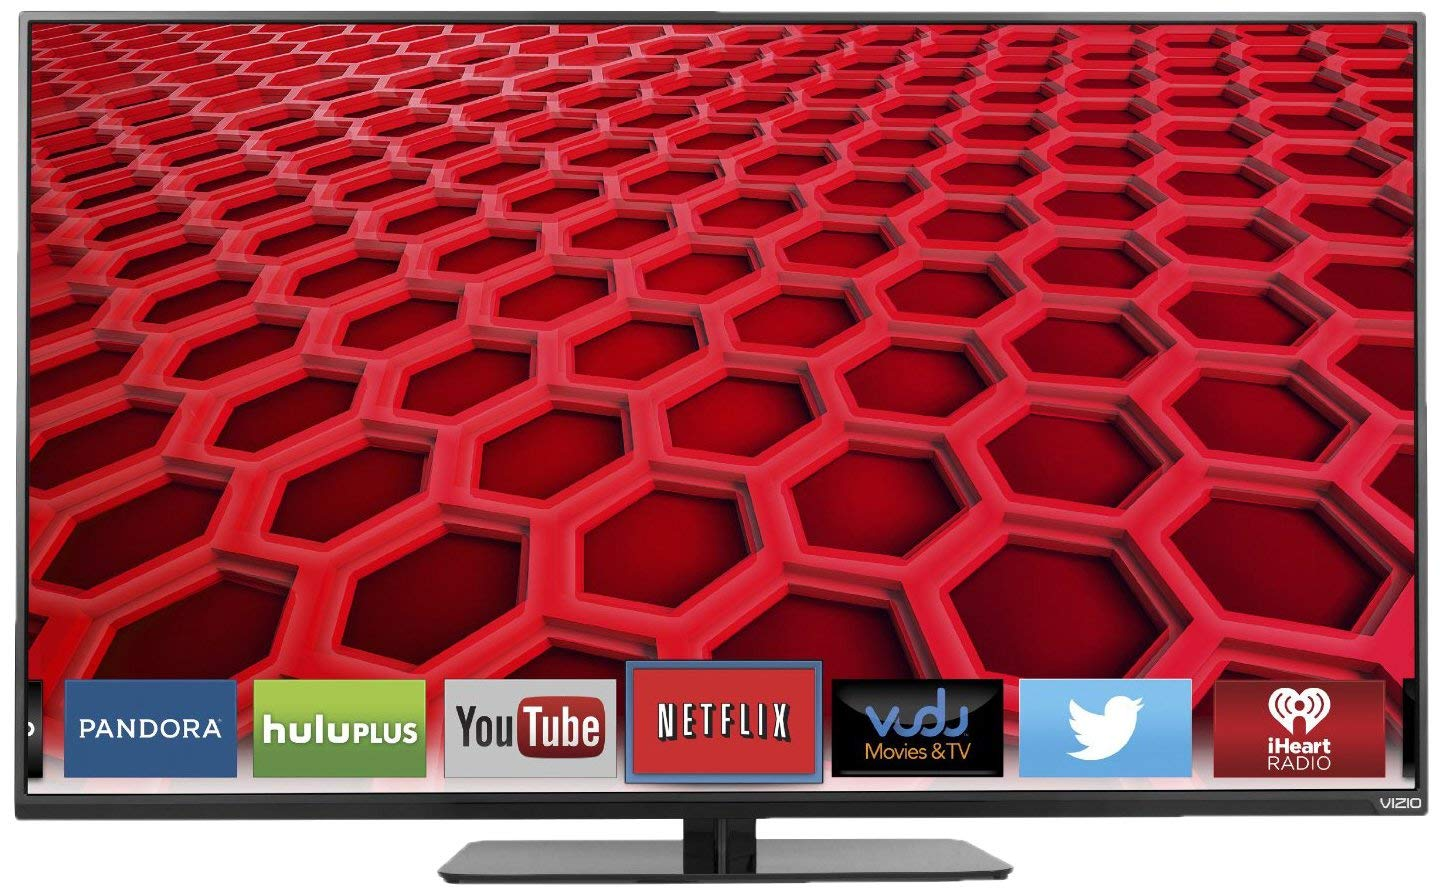 An image of VIZIO E480i-B2 48-Inch FHD LED TV